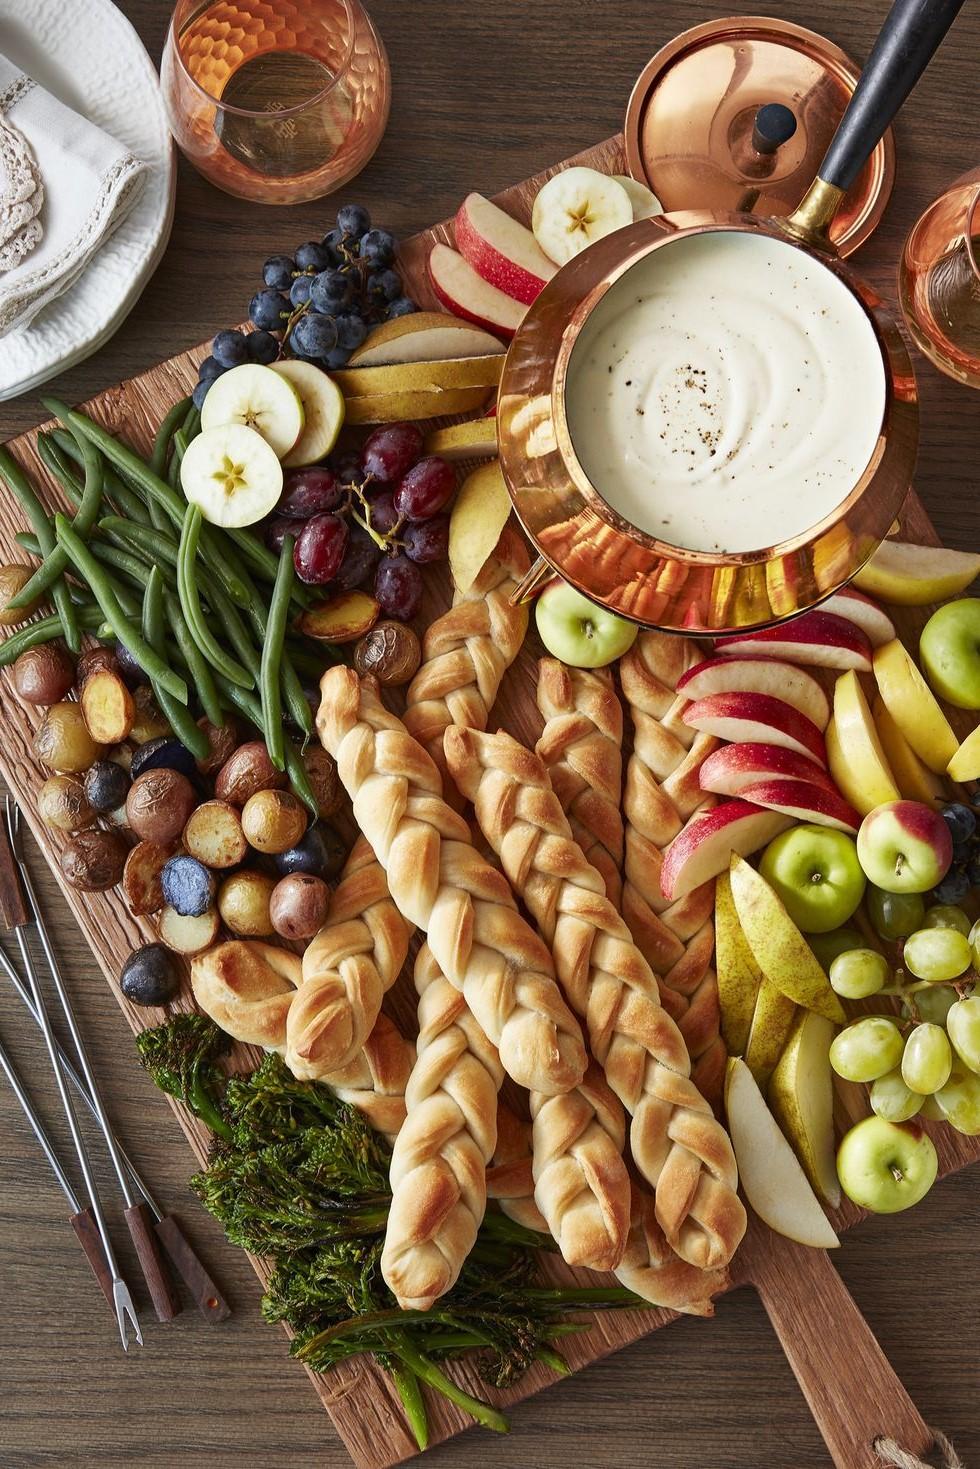 Fondue crémeuse aux fruits et légumes.